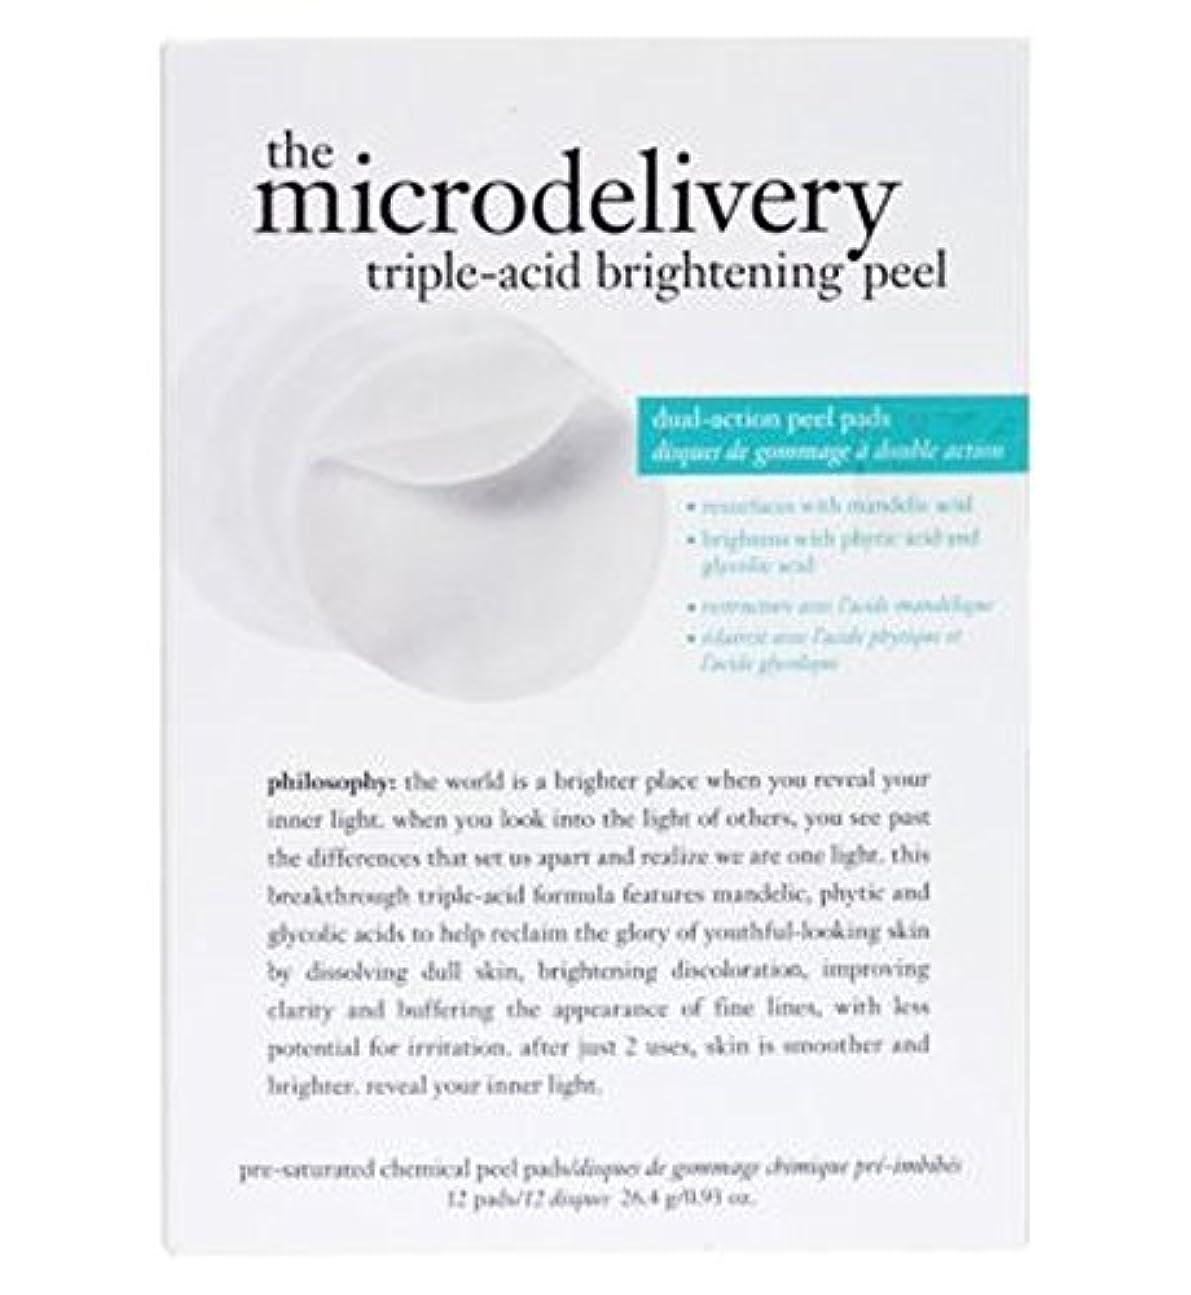 ボンドピンマットレス哲学ミクロ送達トリプル酸増白皮 (Philosophy) (x2) - philosophy the microdelivery triple-acid brightening peel (Pack of 2) [並行輸入品]